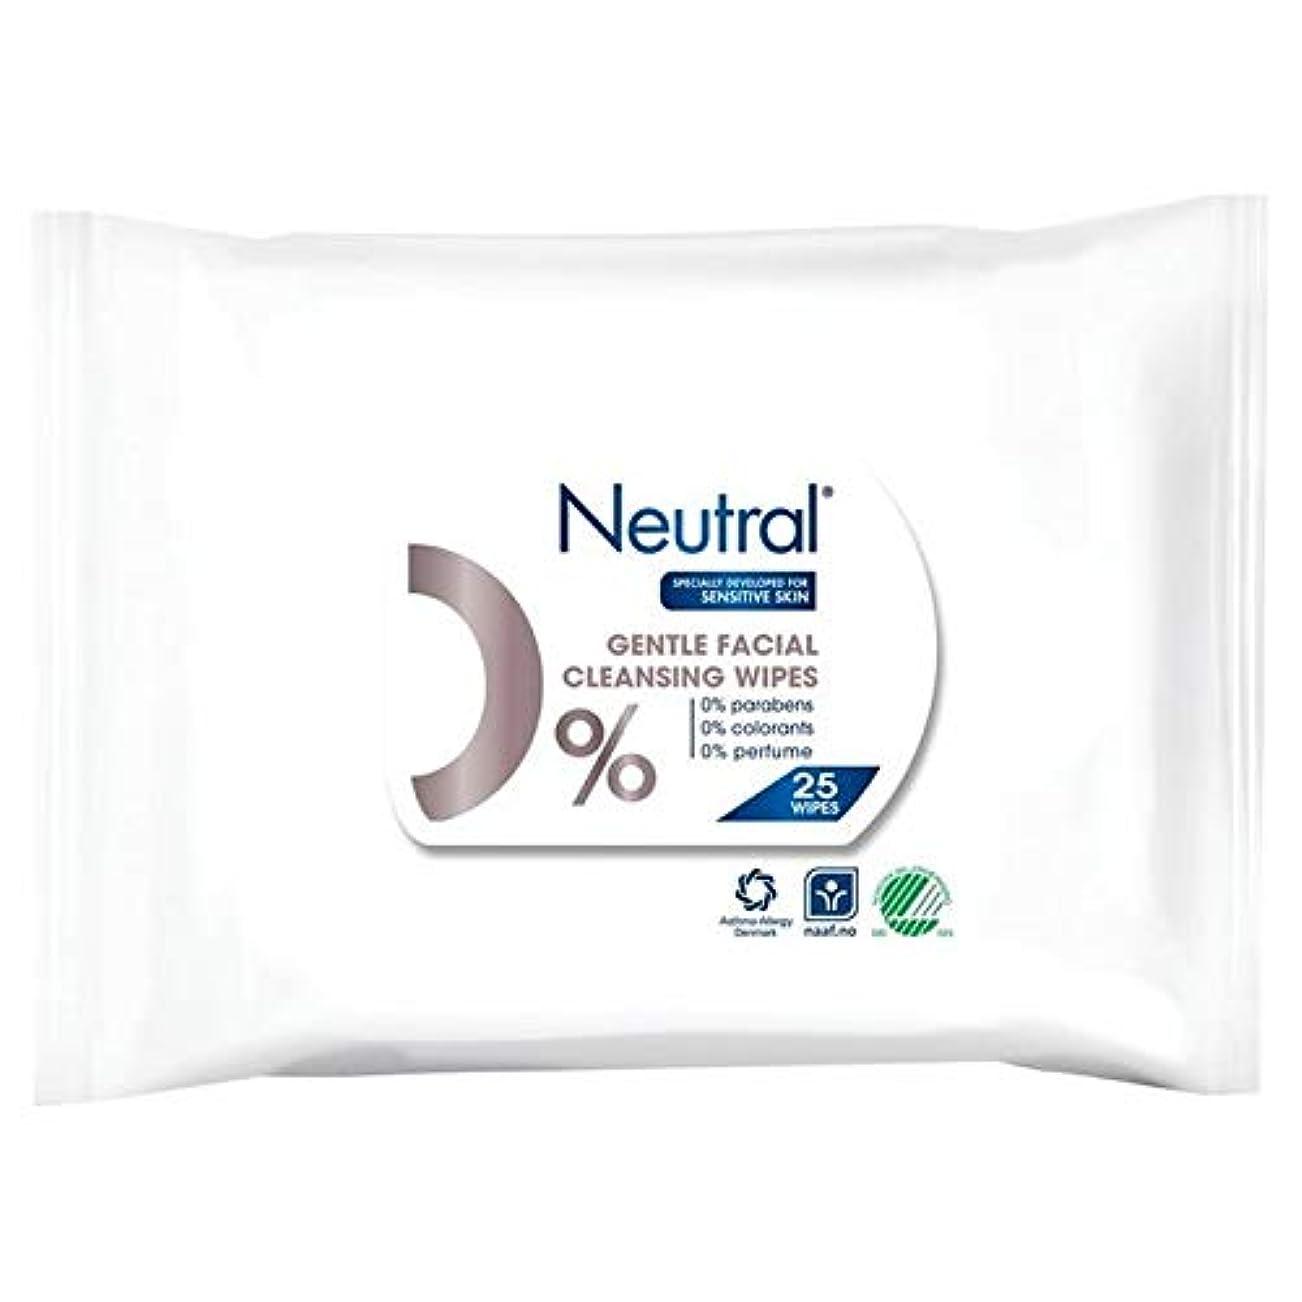 神経同盟ポンド[Neutral ] ニュートラル0%顔はパックあたり25ワイプ - Neutral 0% Face Wipes 25 per pack [並行輸入品]